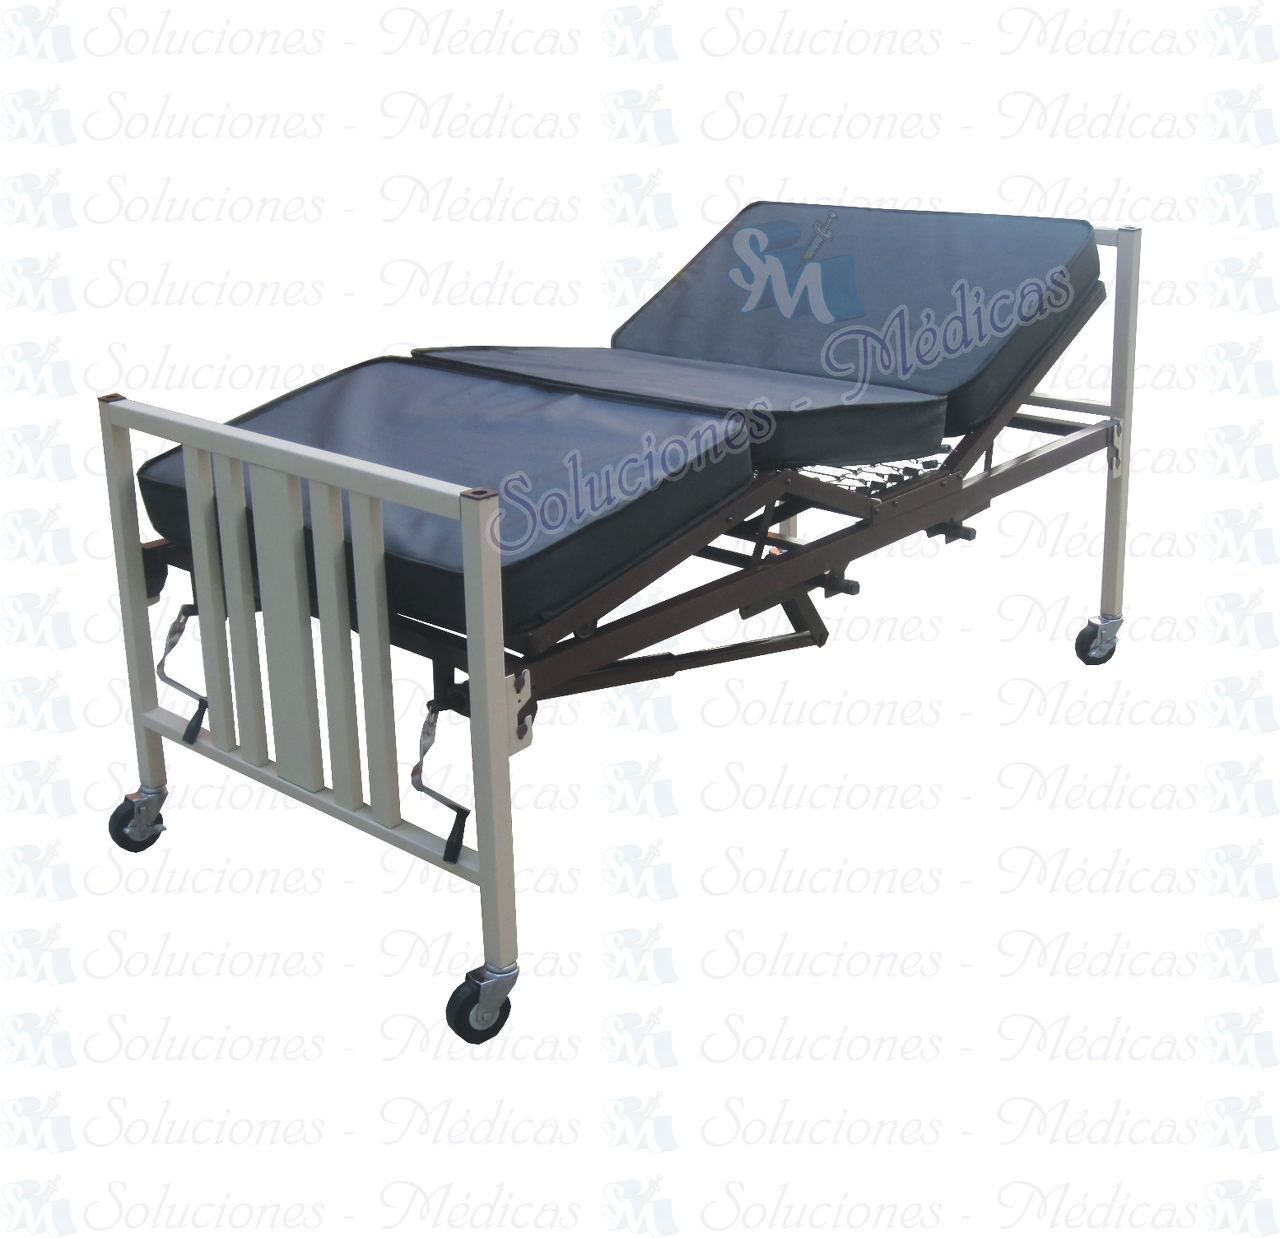 Cama de hospital manual con ruedas mod mmcam02 venta m dica for Sillas para hospital